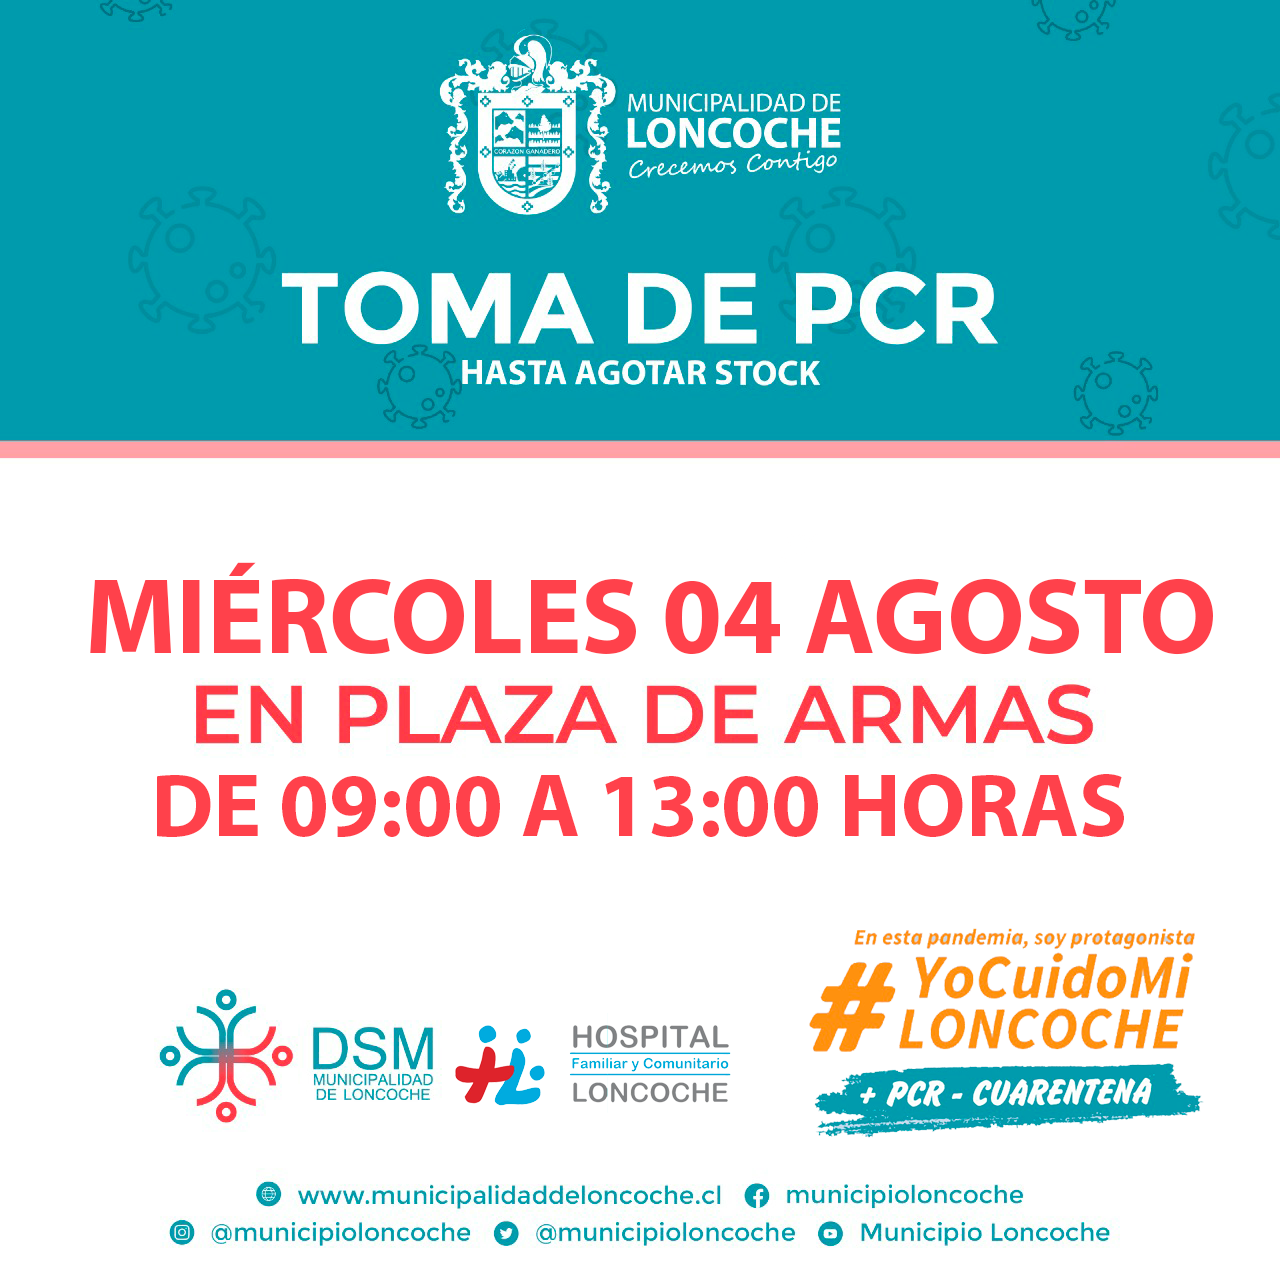 CAMPAÑA #YOCUIDOMILONCOCHE